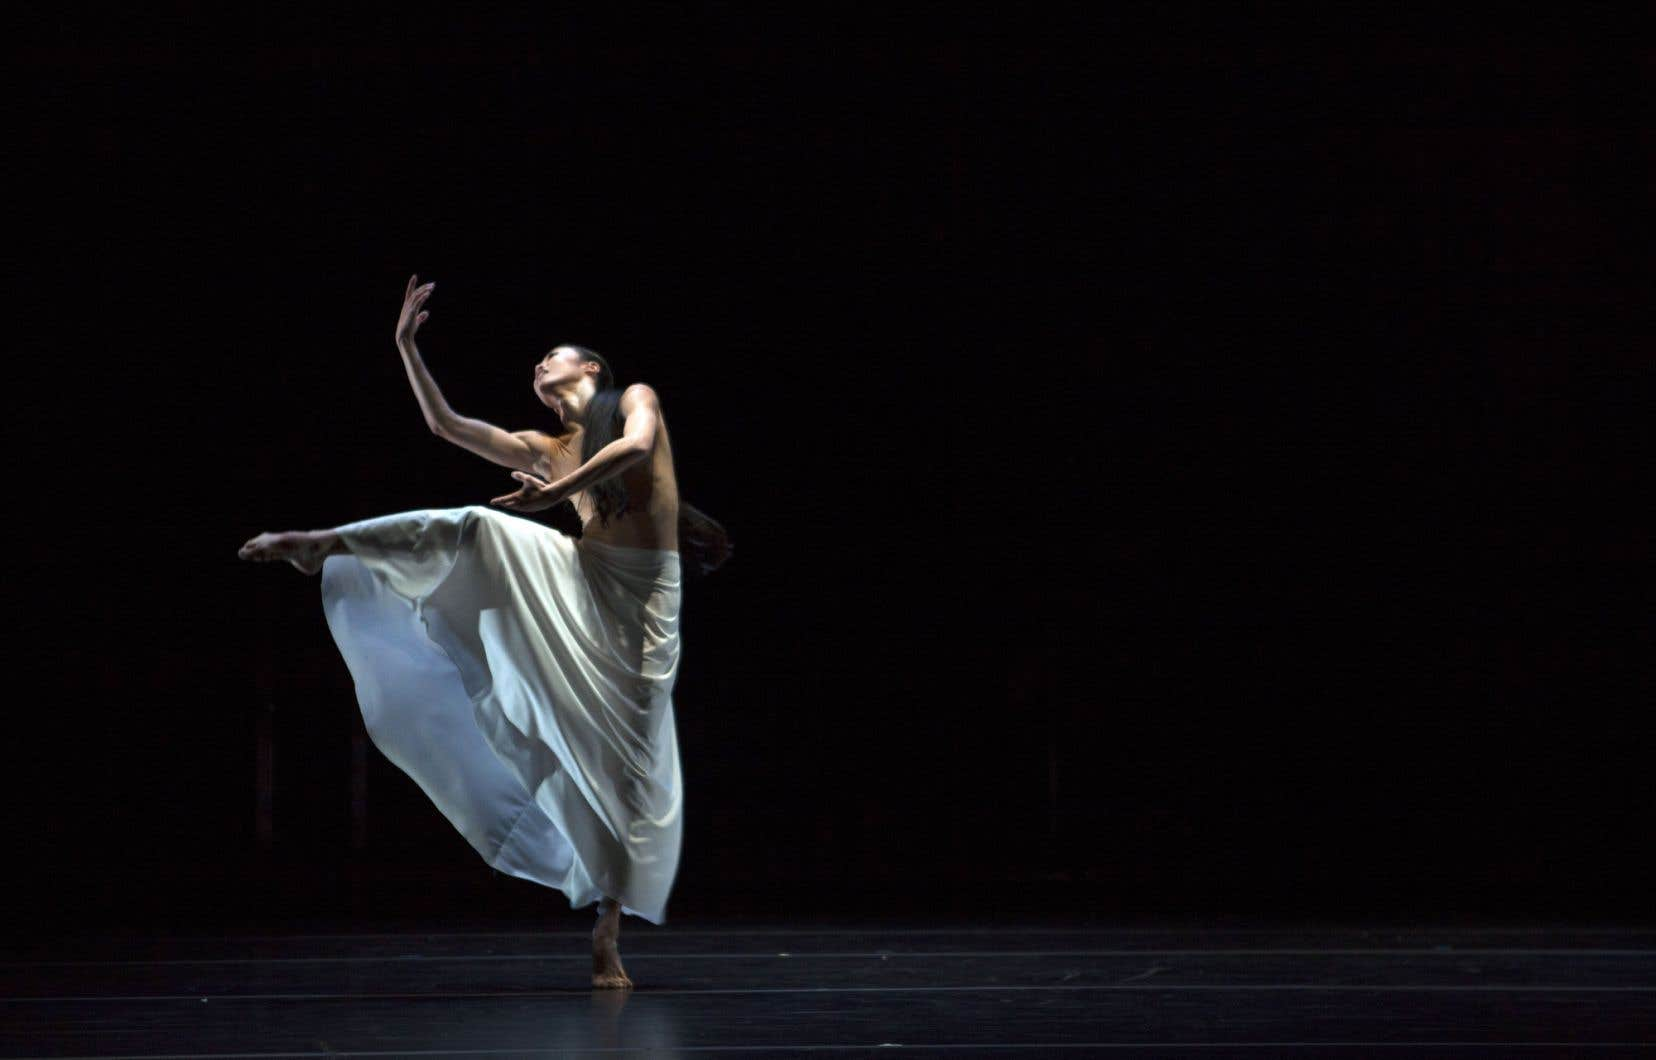 PeiJu Chien-Pott s'est jointe à la Martha Graham Company en 2011 en tant que danseuse principale, dans la pièce Errand.